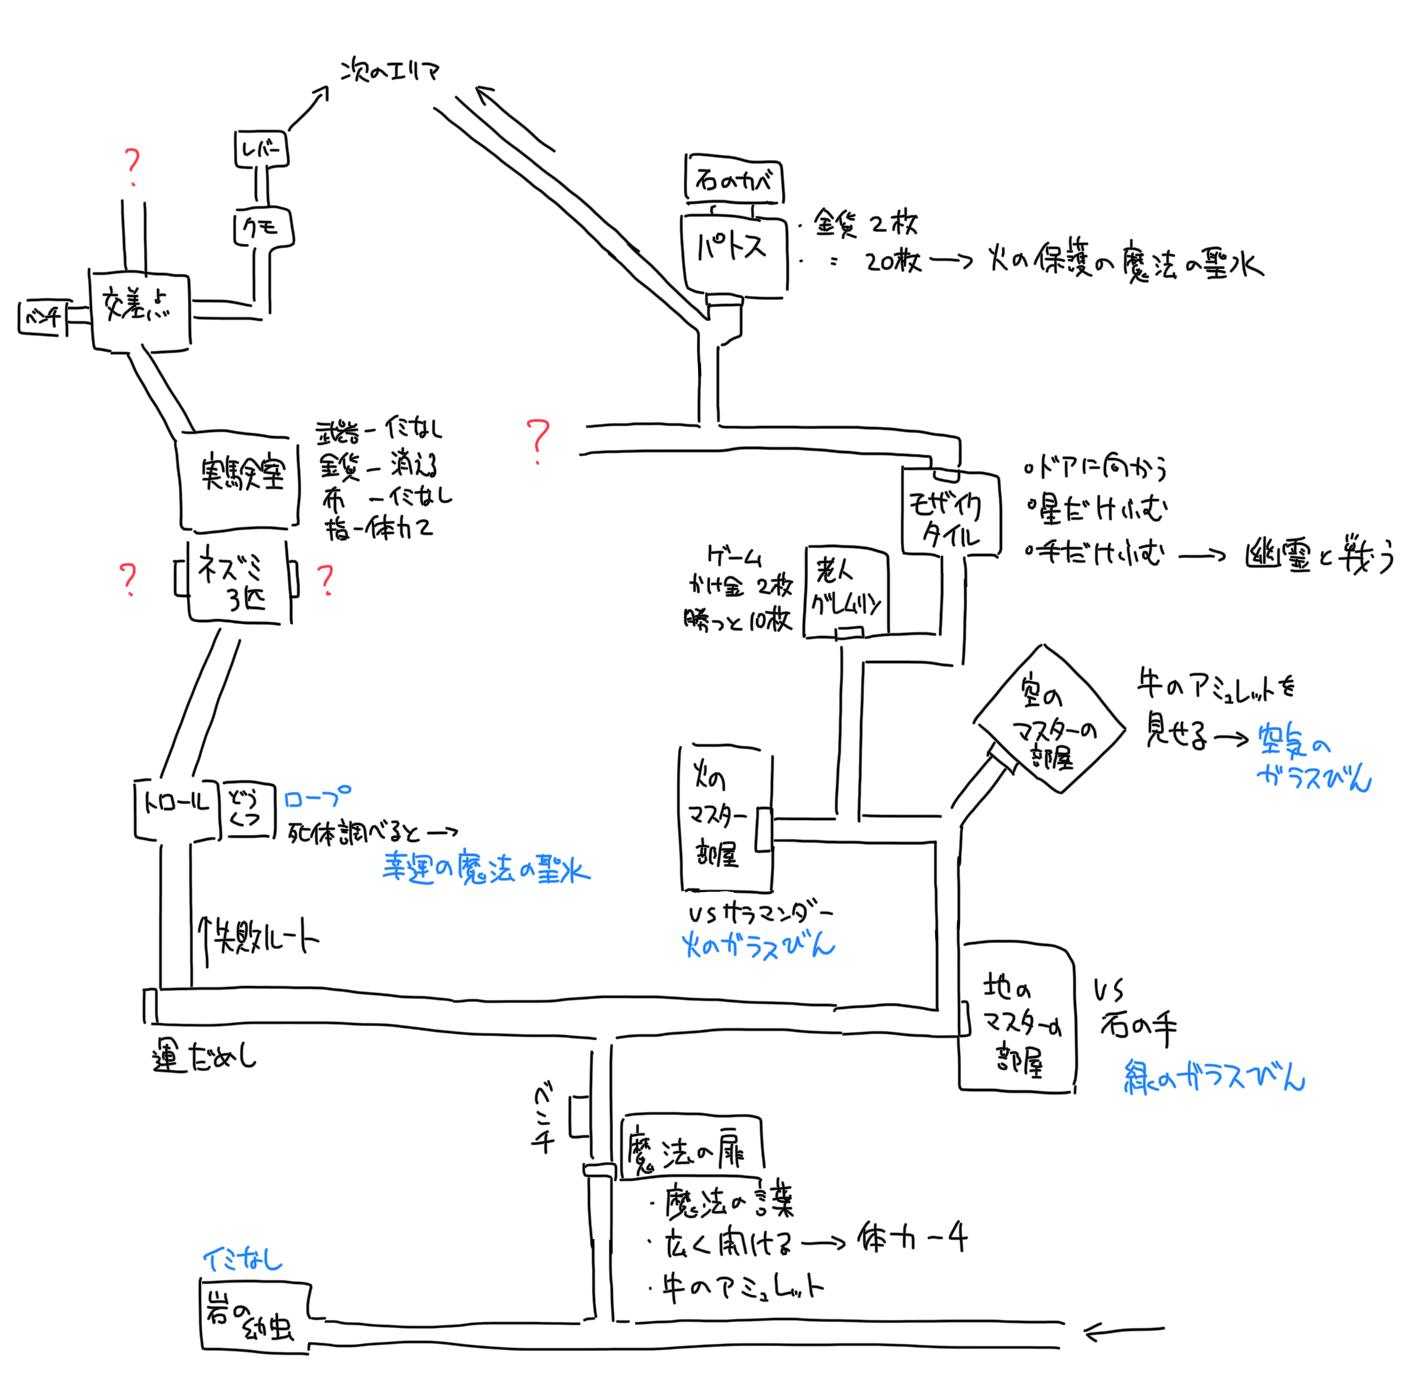 hifukiyama-3.png